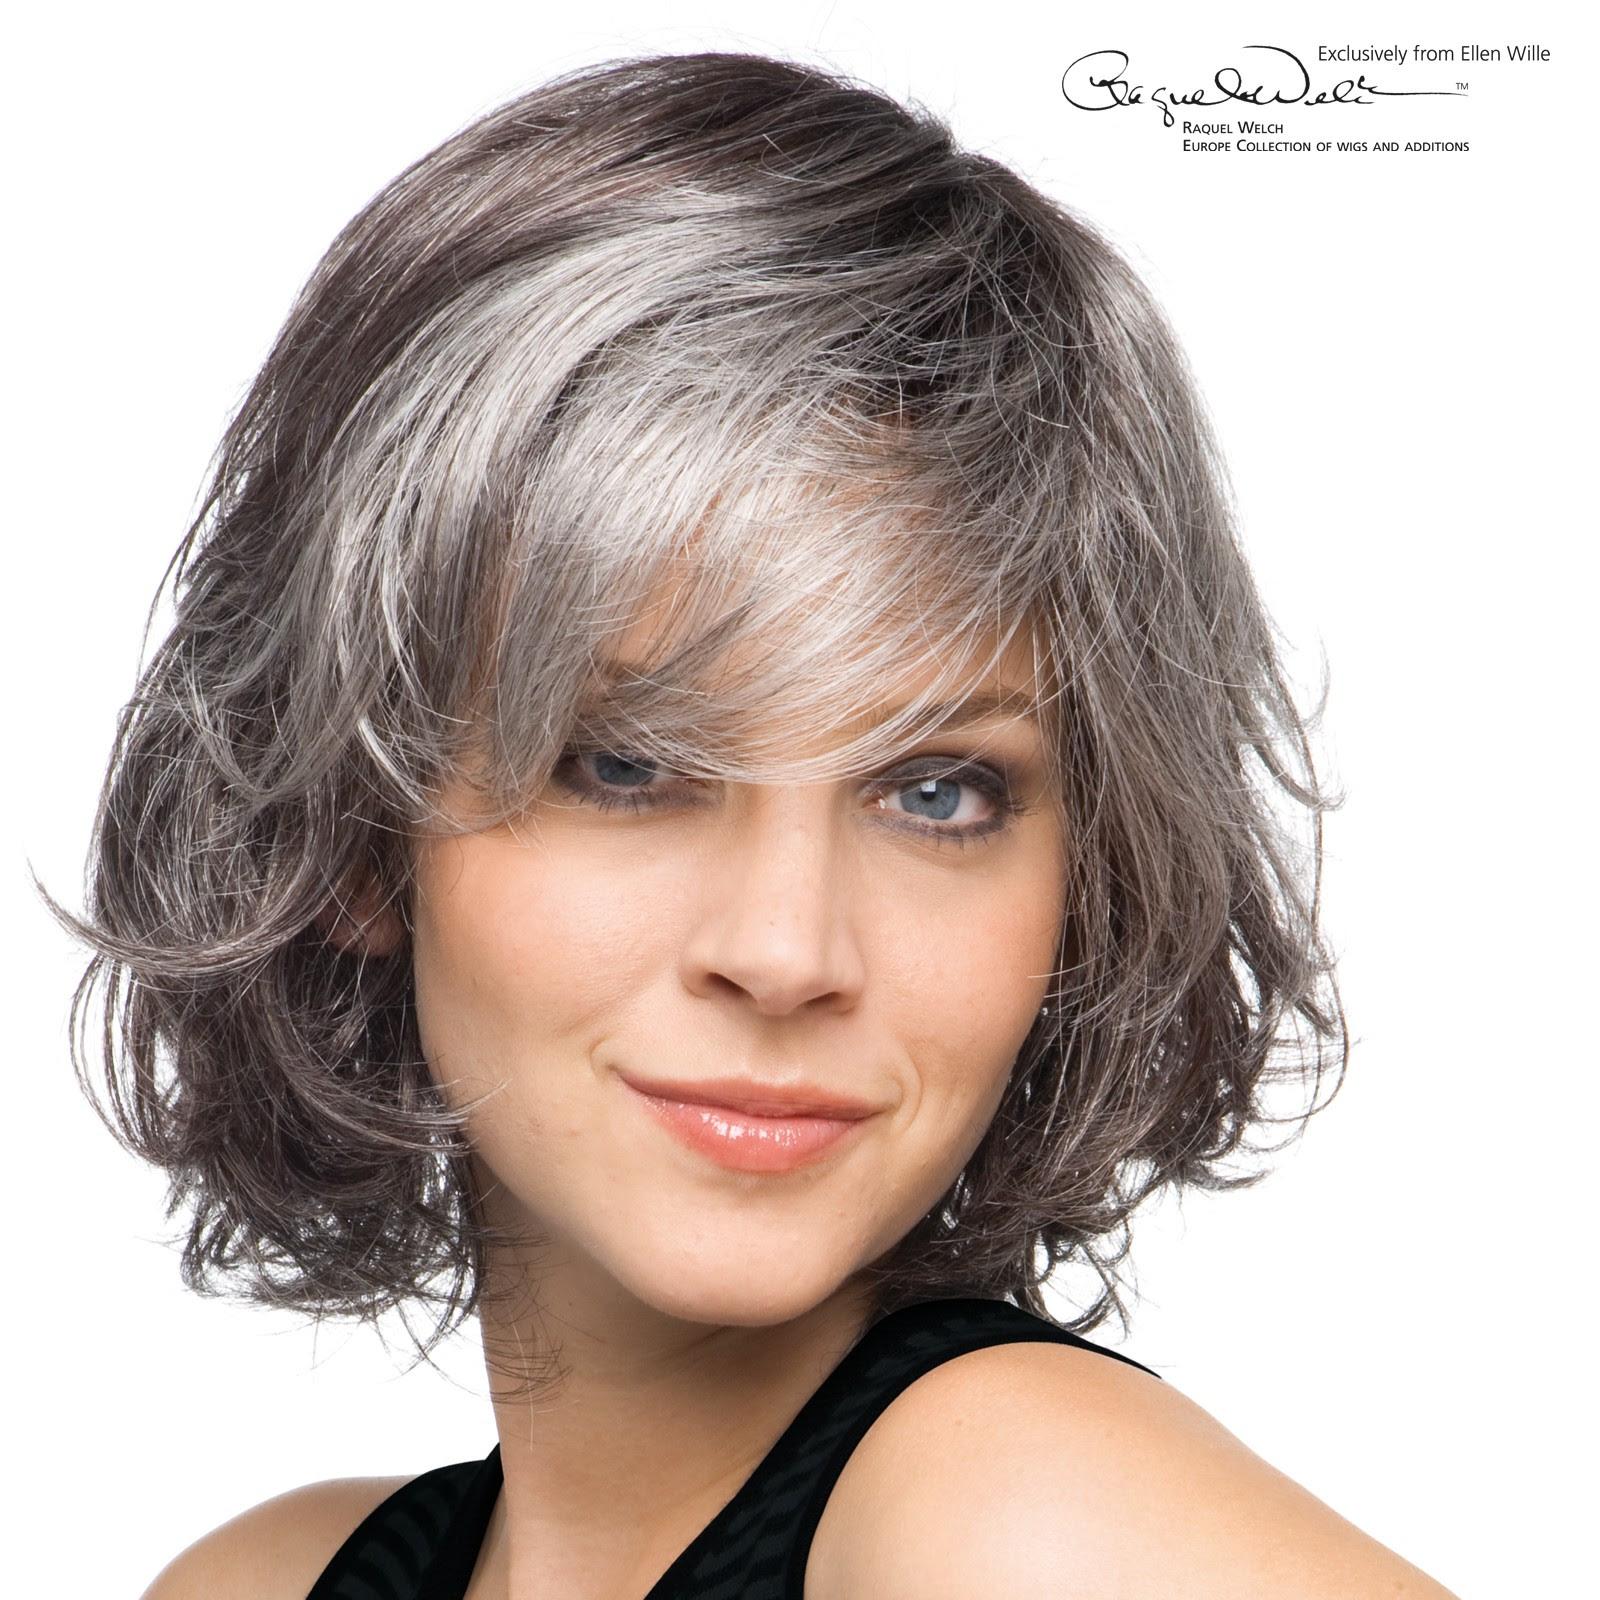 Luxus Frisuren Graue Haare 2016 Finden Sie Die Beste Frisur